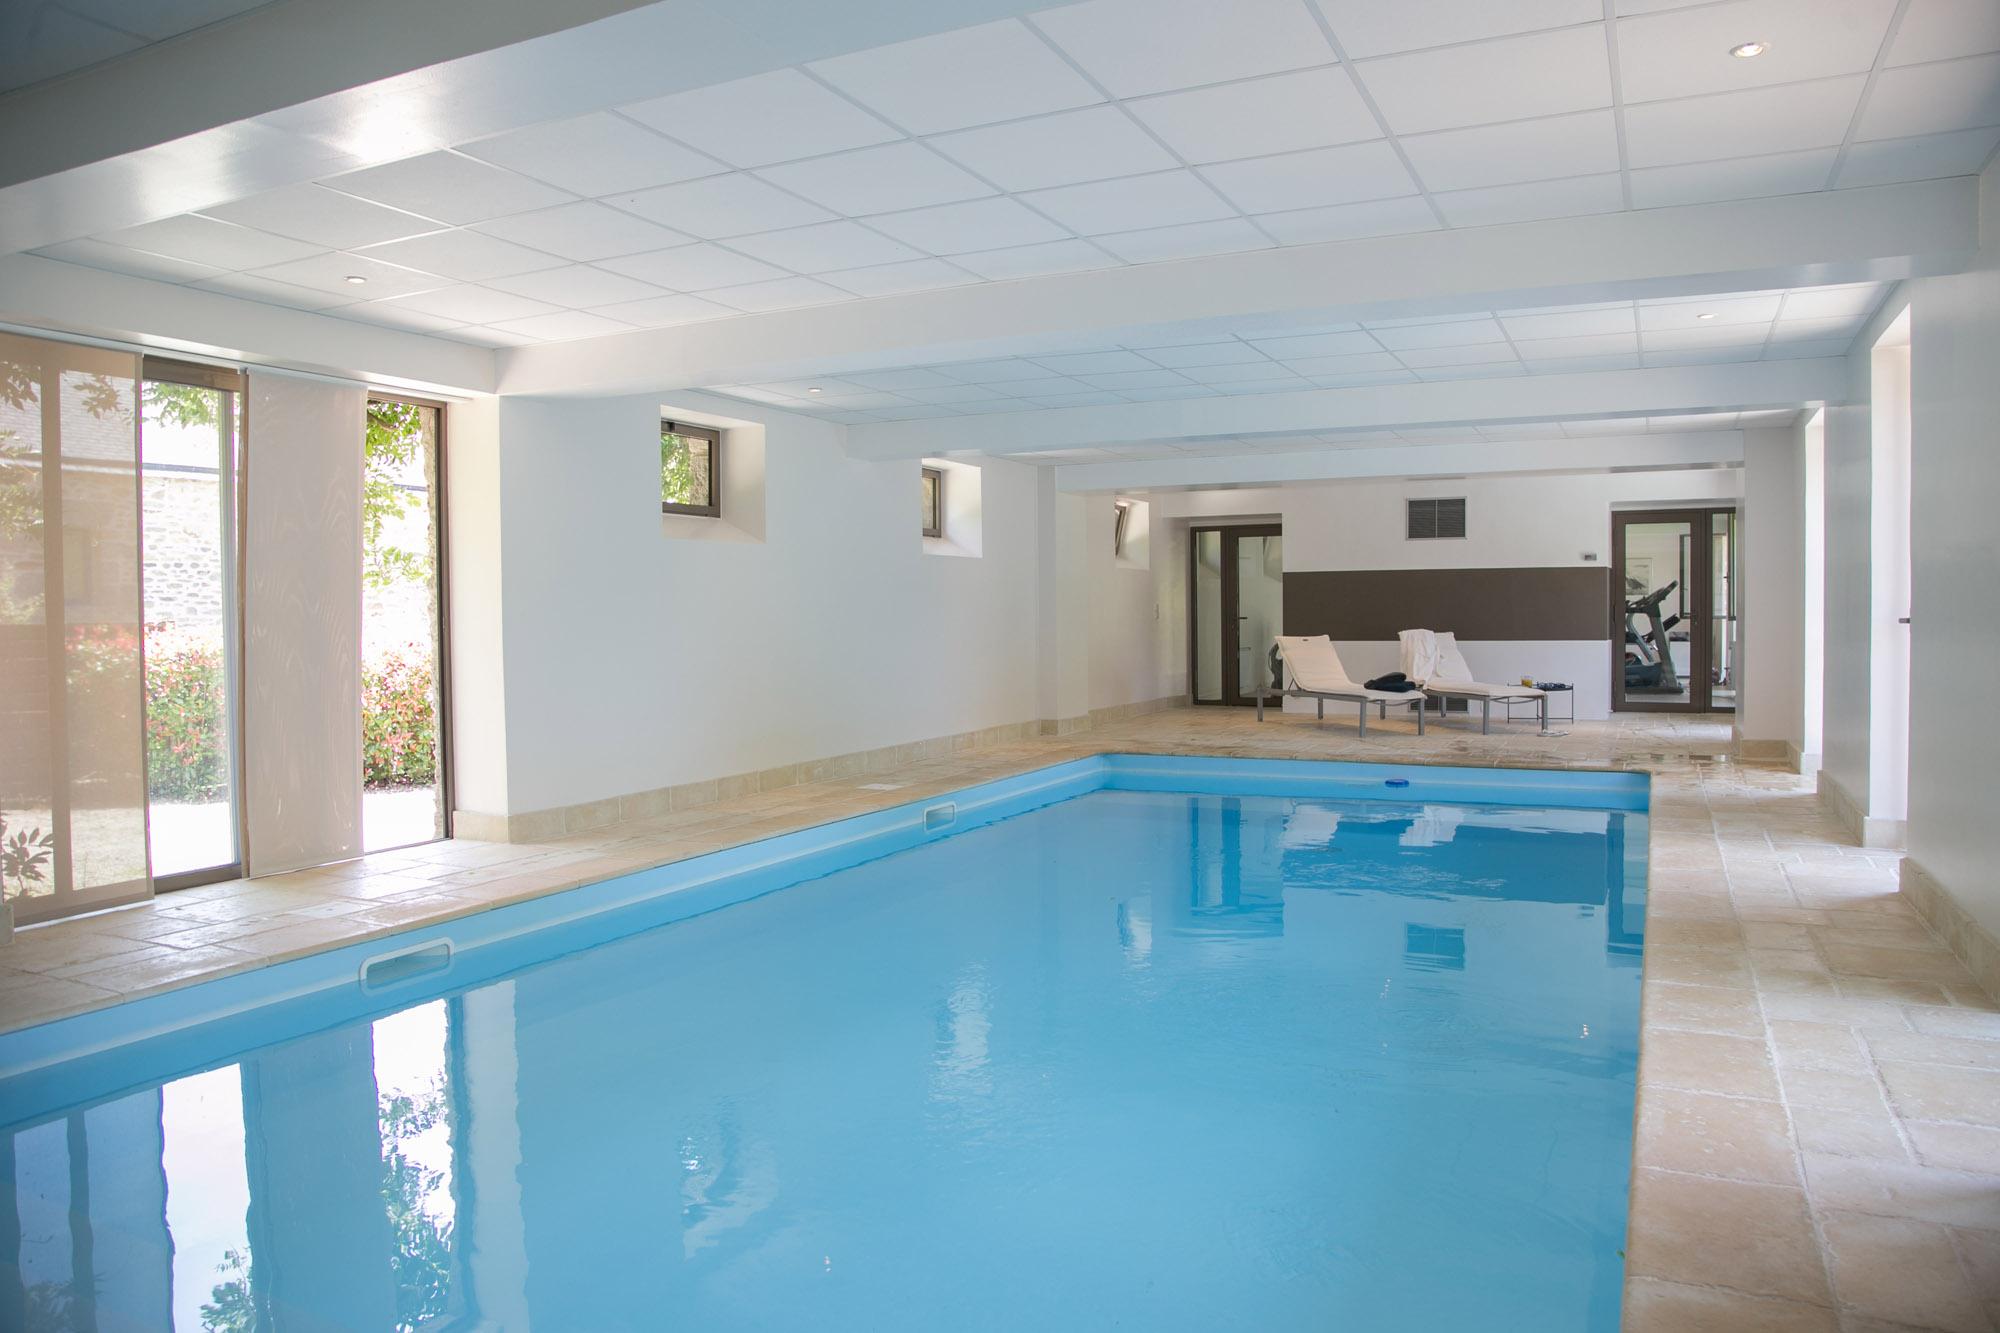 Location chambre d h´tes avec prestations haut de gamme piscine